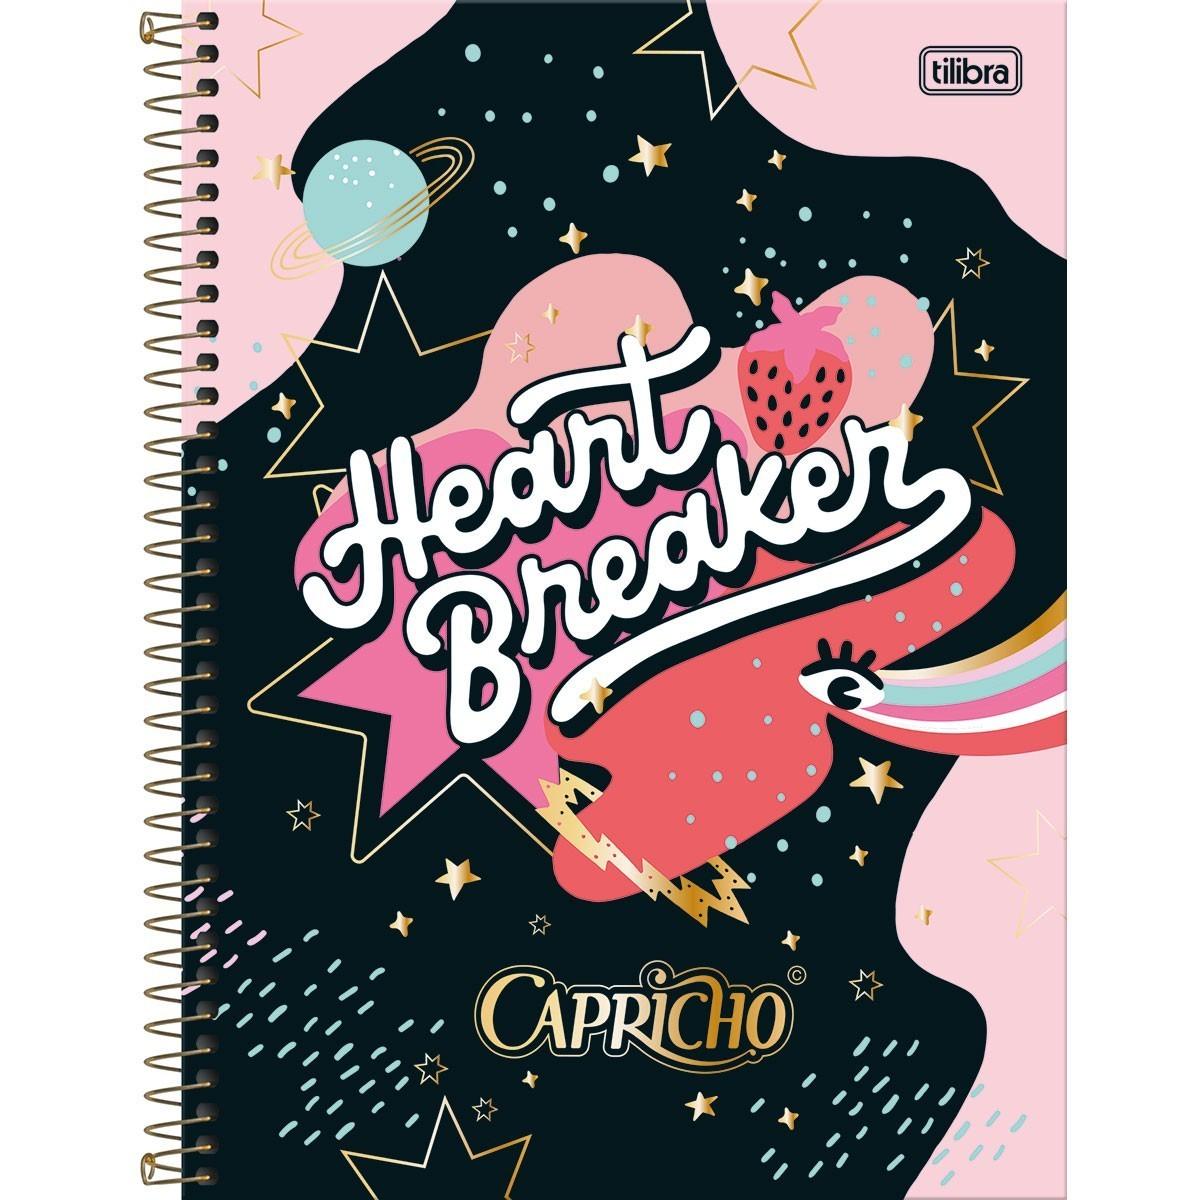 Caderno Espiral Capa Dura Universitário 1 Matéria Capricho 80 fls - Unidade